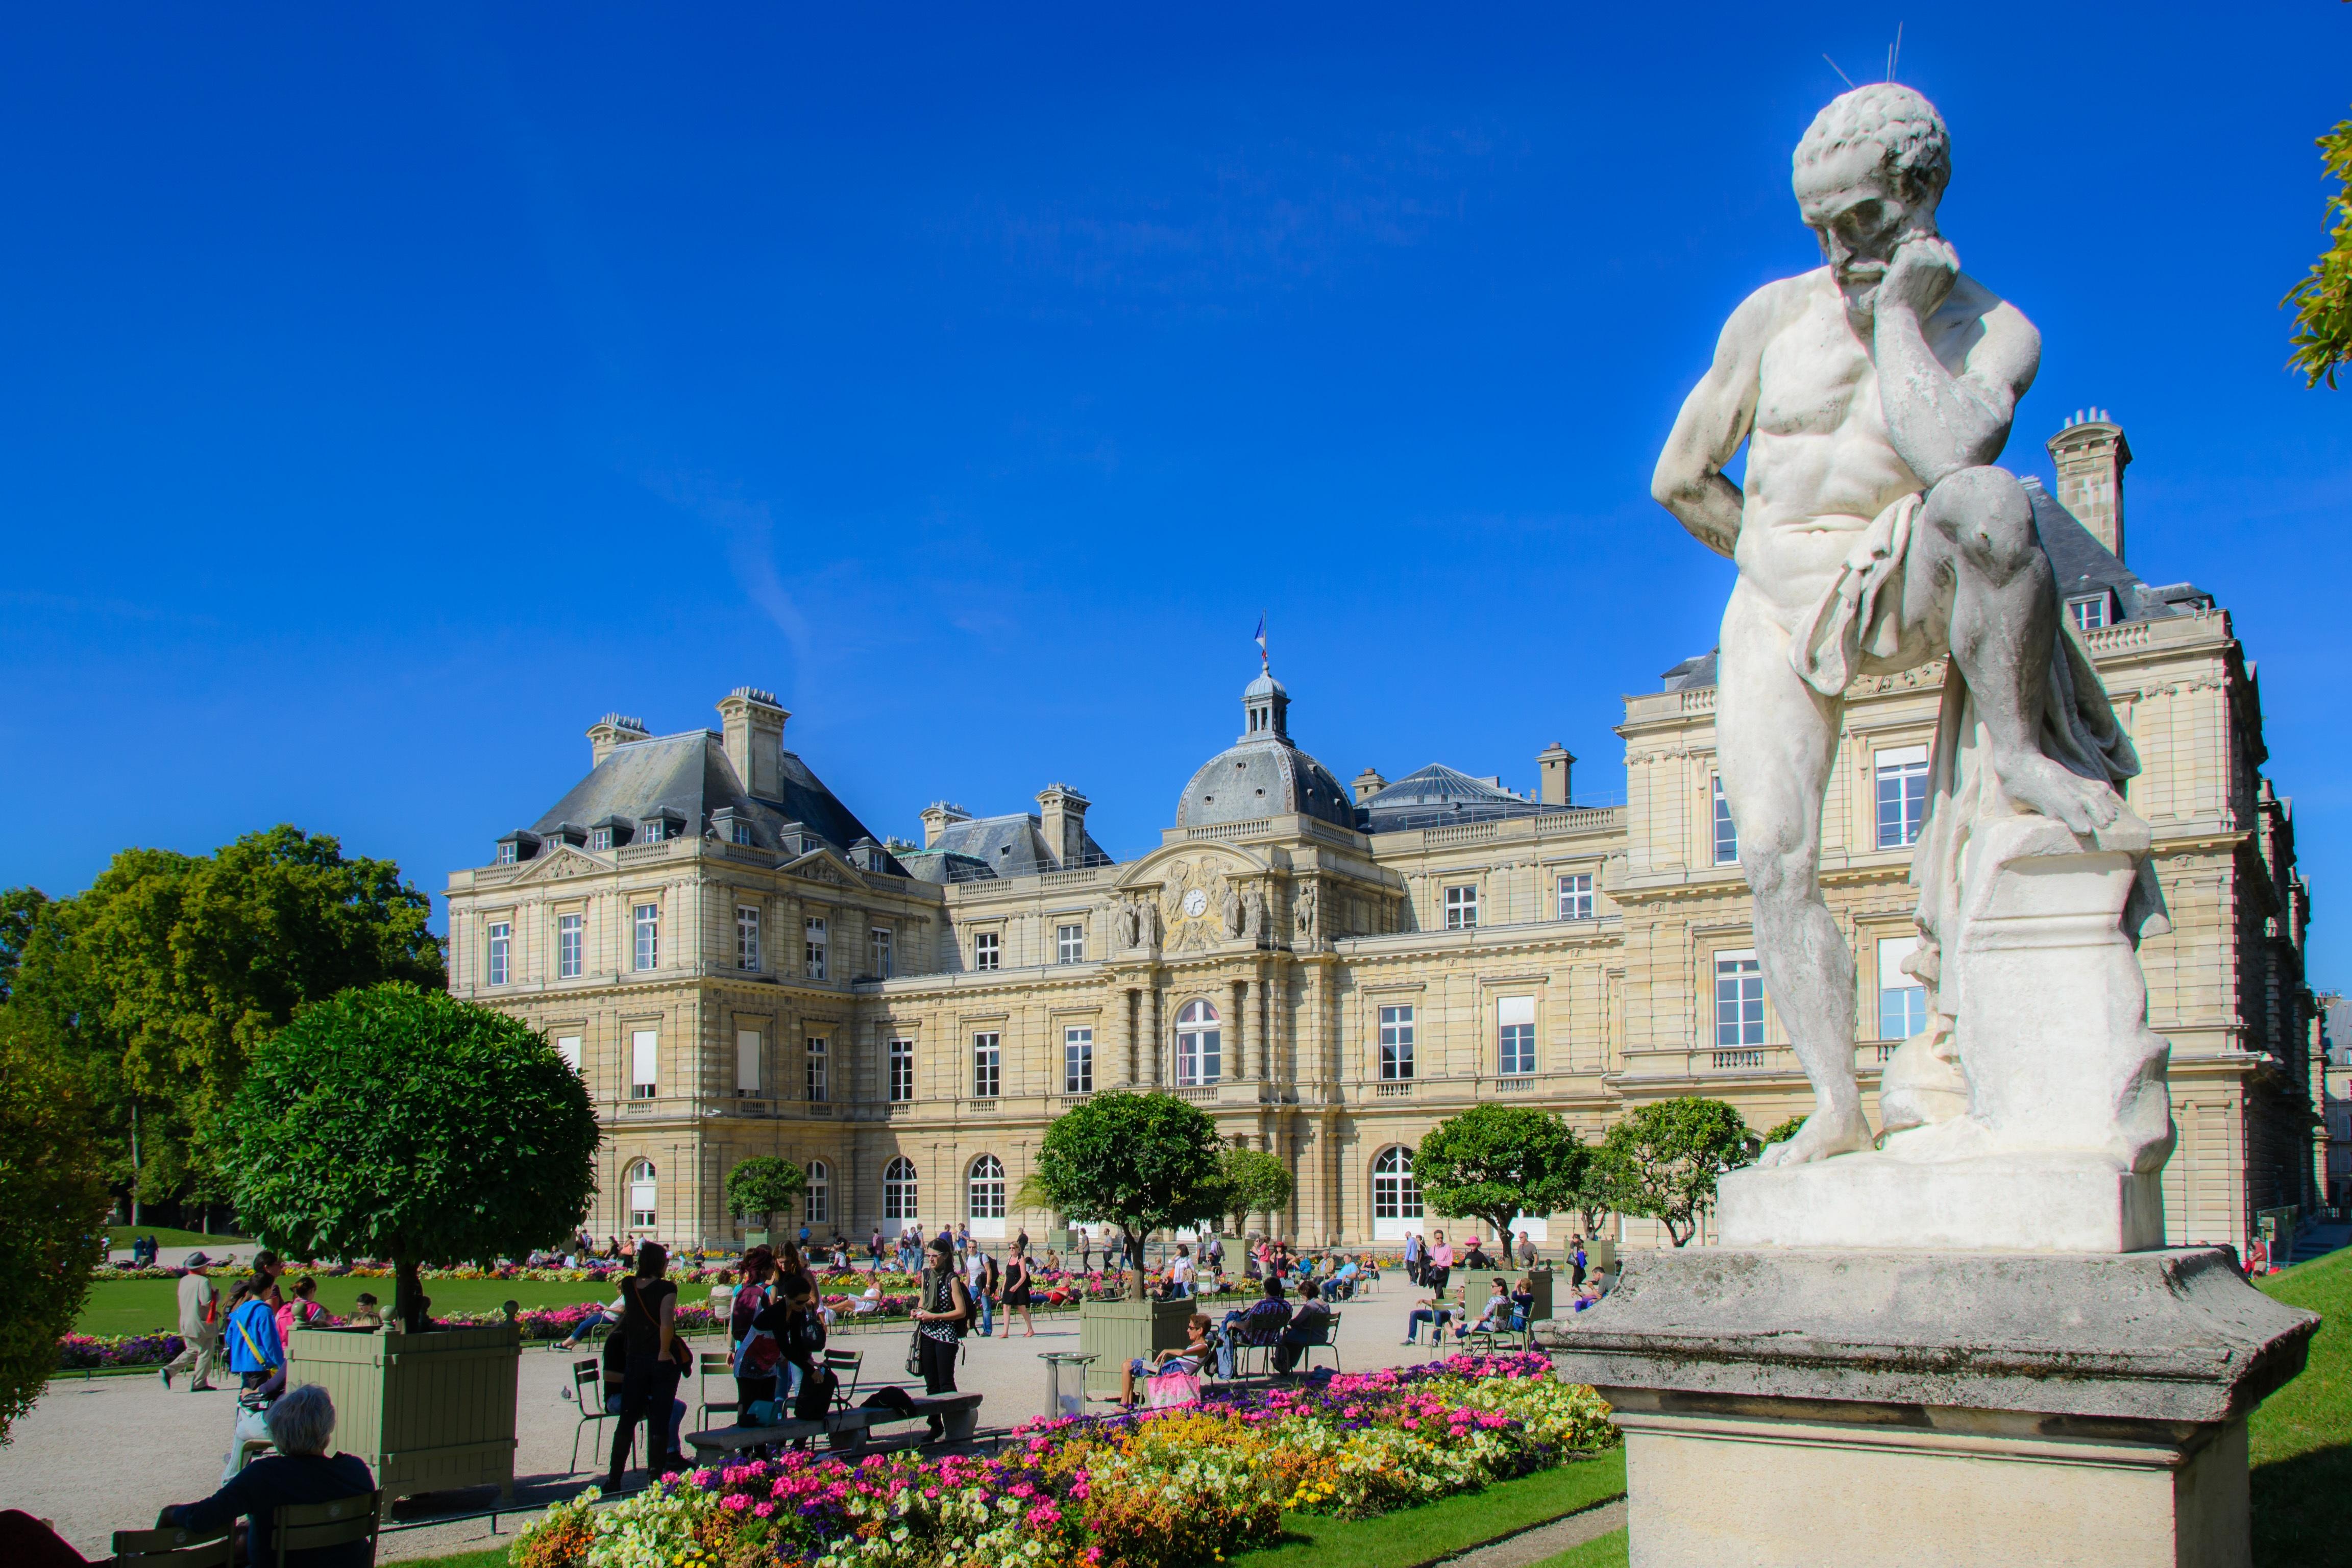 Free palace paris monument france statue plaza park